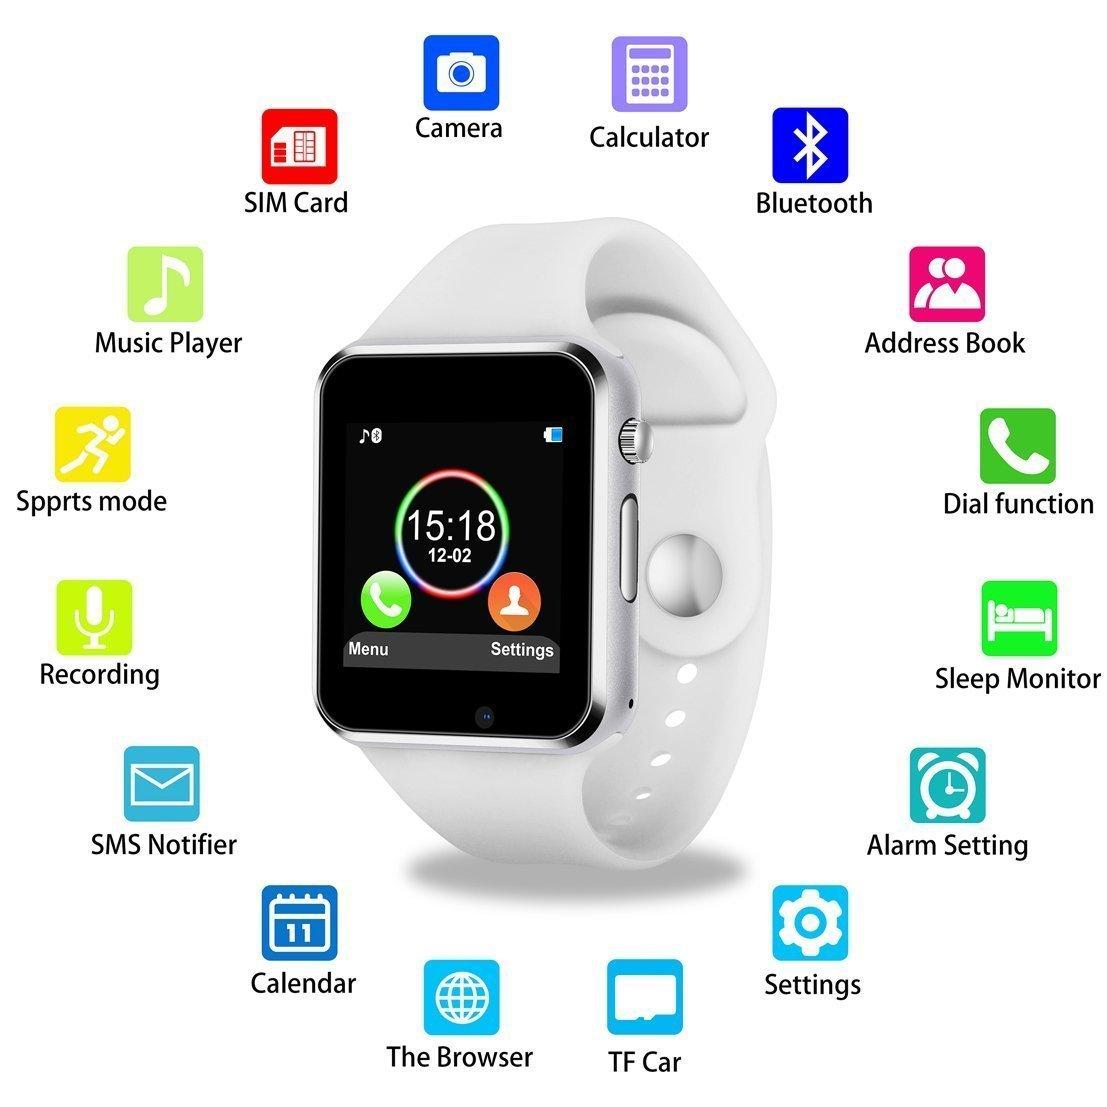 Smartwatch KKCITE de 1,54 pulgadas, pantalla táctil, 2 G, tarjeta SIM, monitor de sueño, cámara, mensaje Push, antipérdida, etc. para Android (funciones parciales para iPhone)